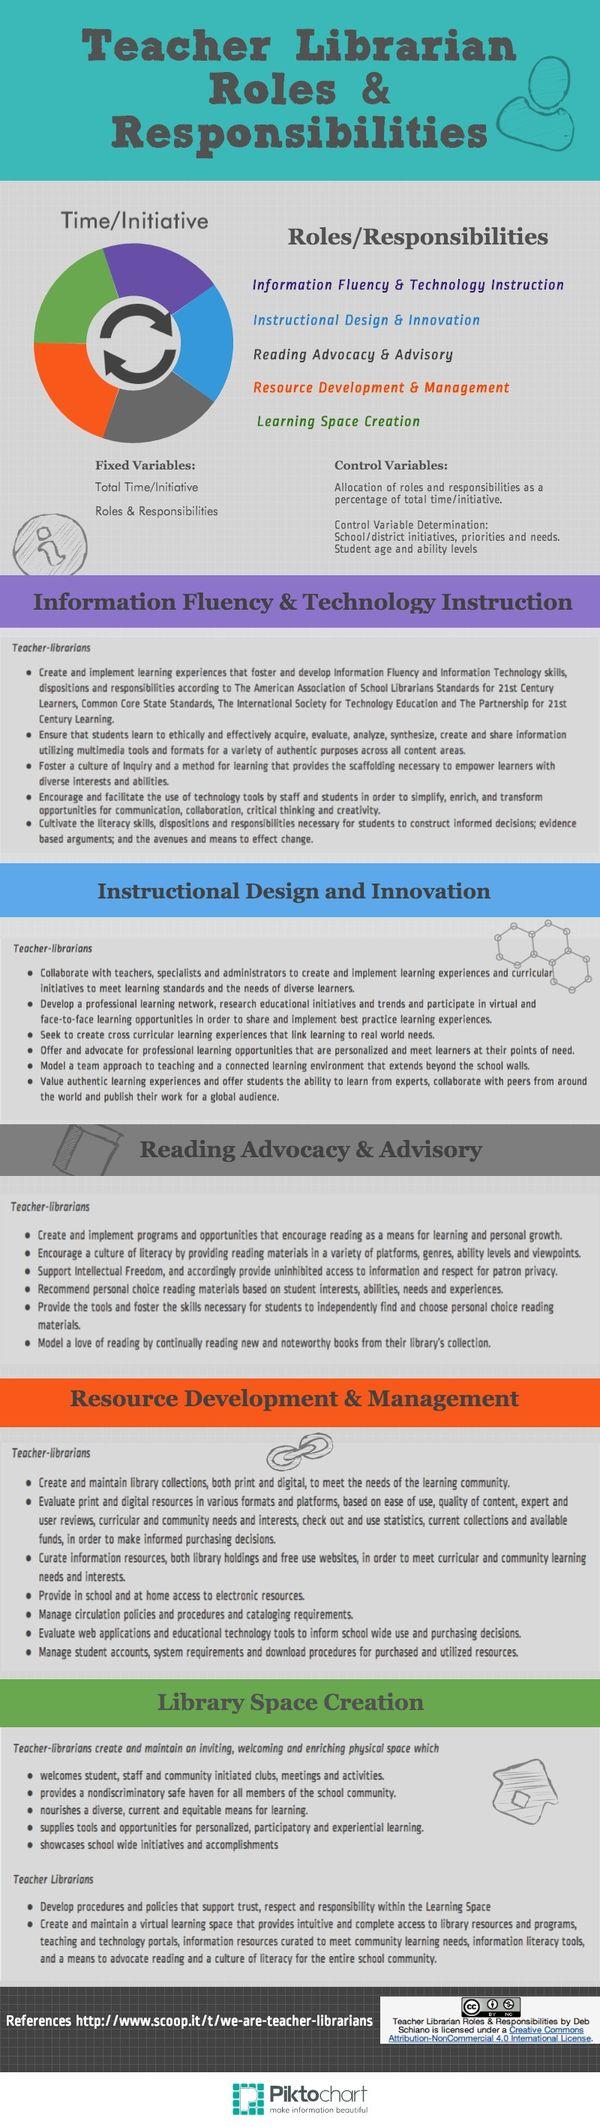 Teacher Librarian Roles